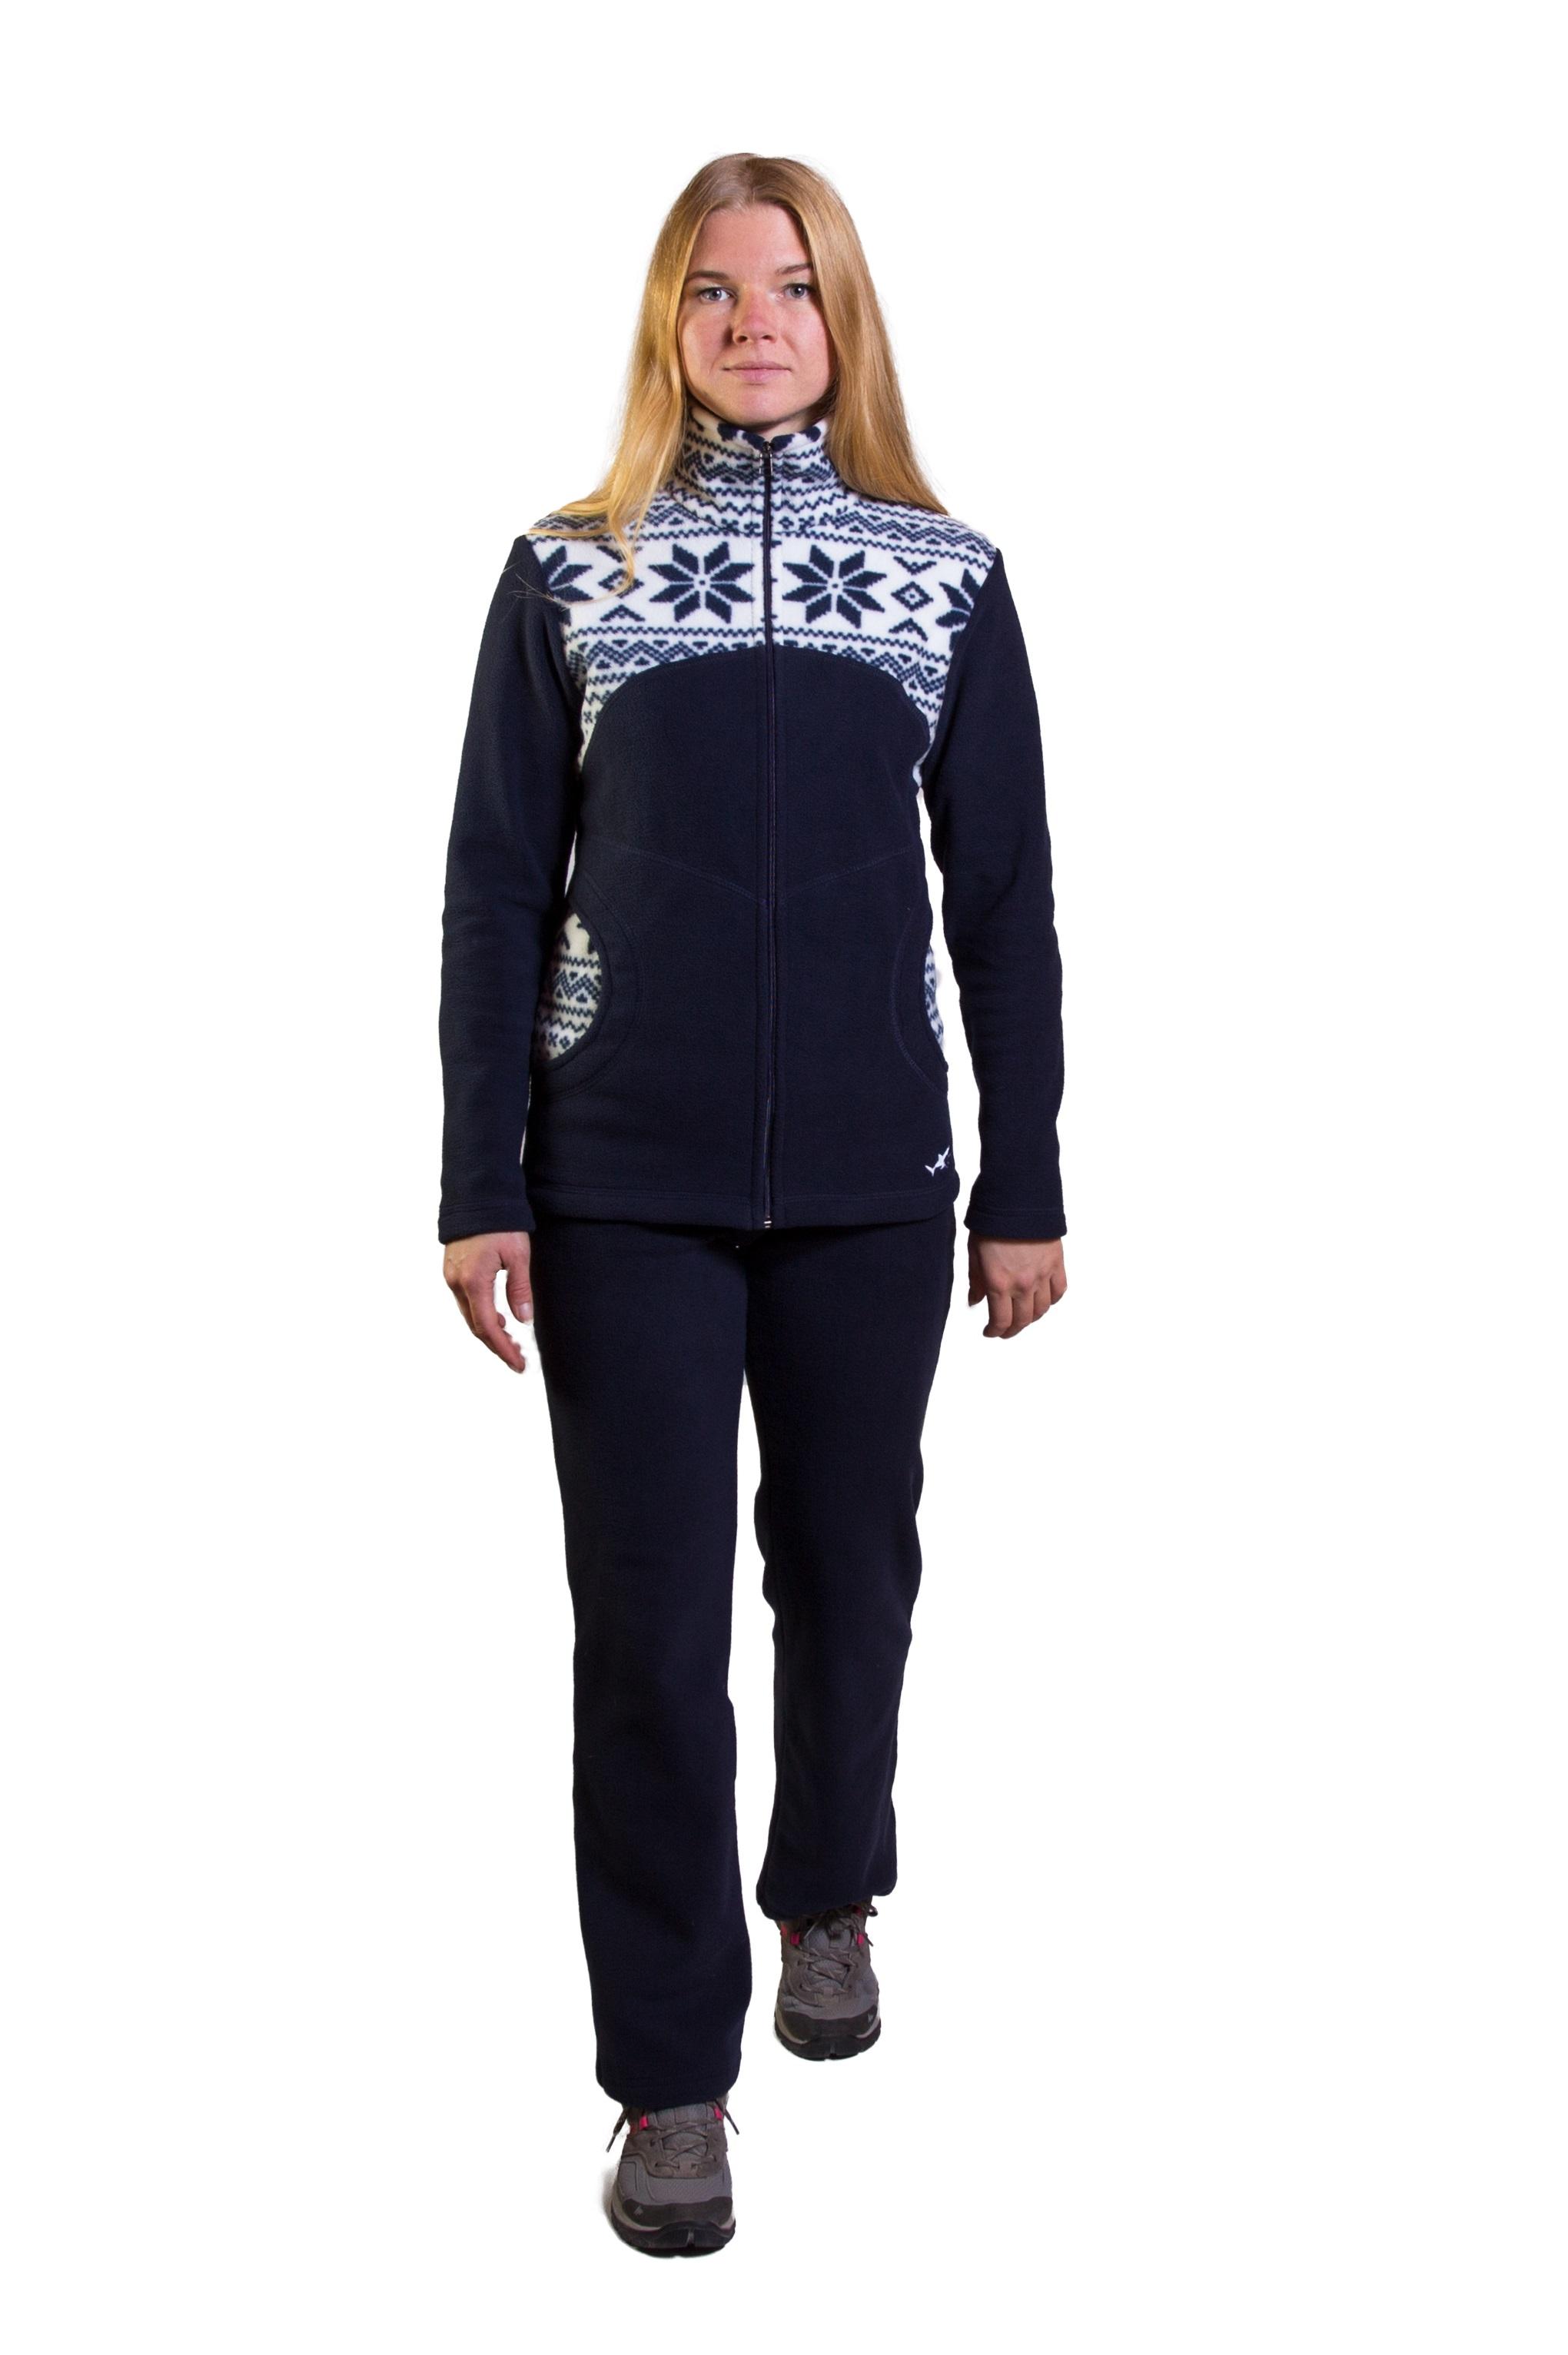 Флисовый костюм KATRAN Паола (Размер: 50 Рост: